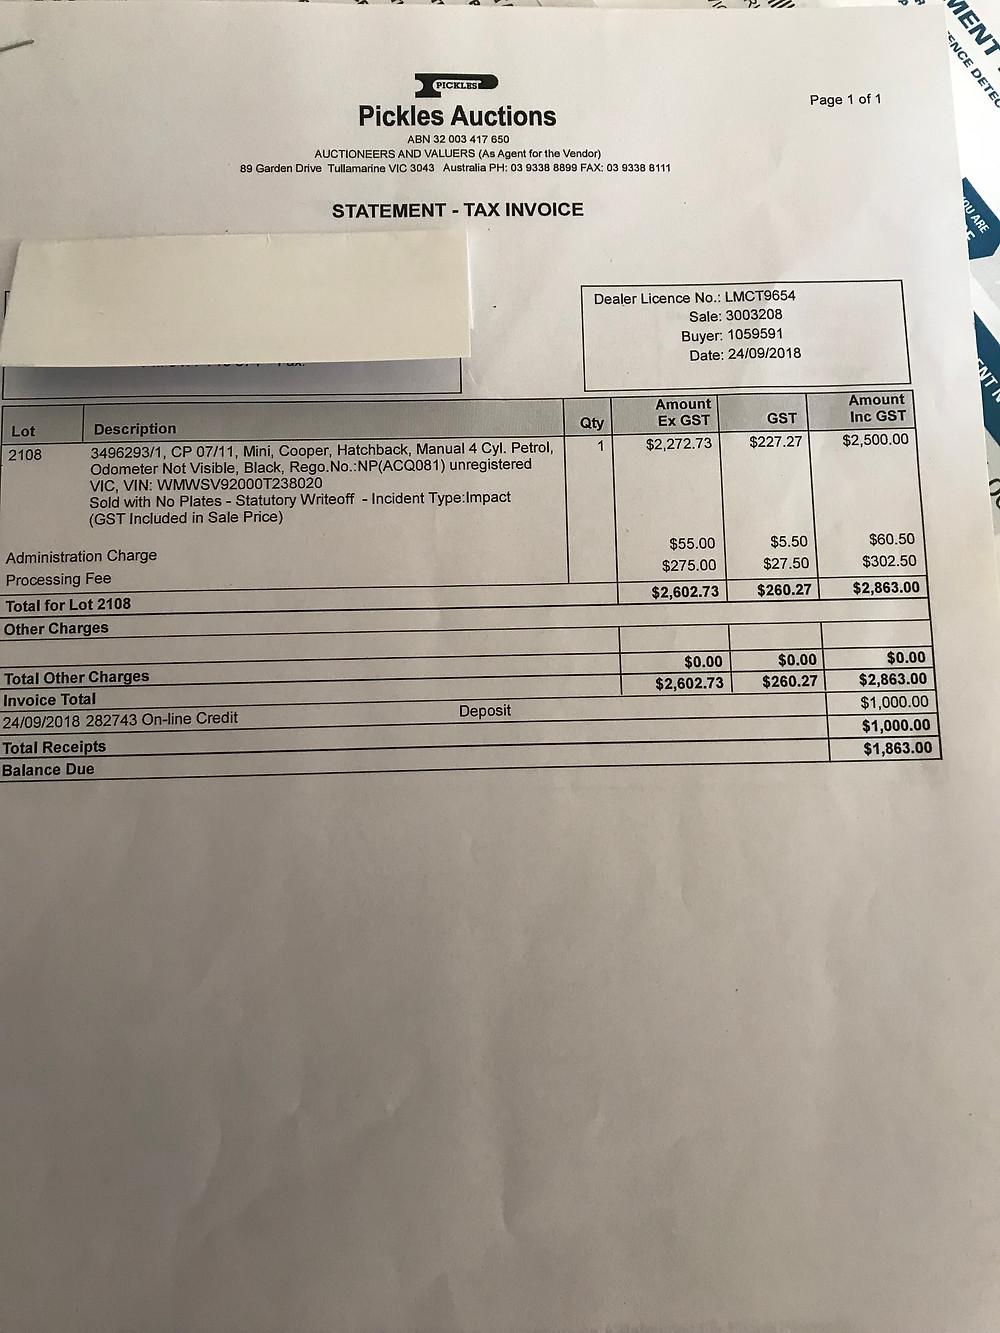 The original invoice